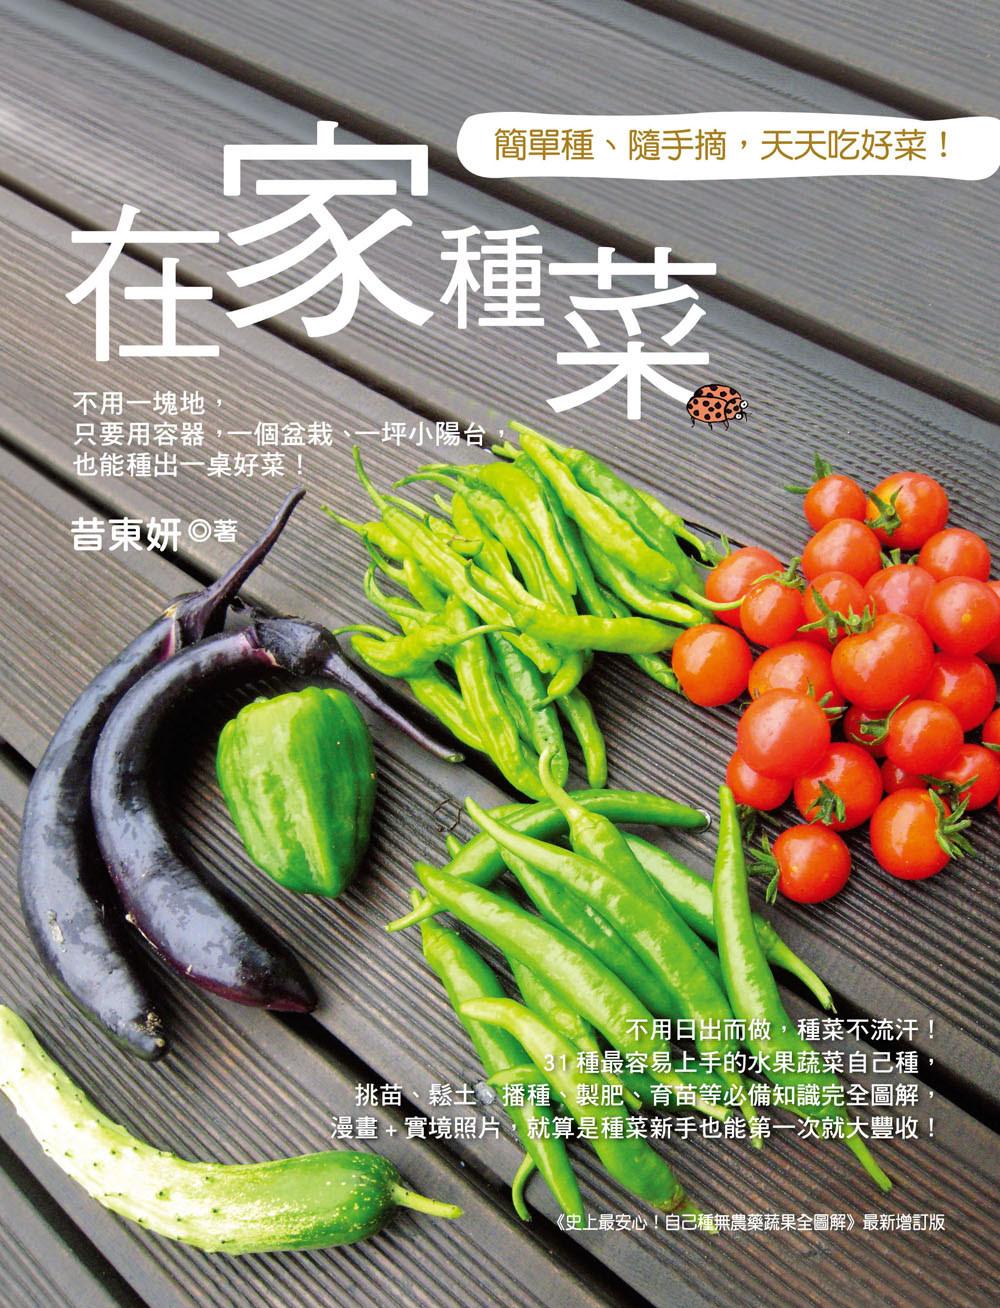 簡單種、隨手摘,天天吃好菜!在家種菜:不用一塊地,只要用容器,一個盆栽、一坪小陽台,也能種出一桌好菜!